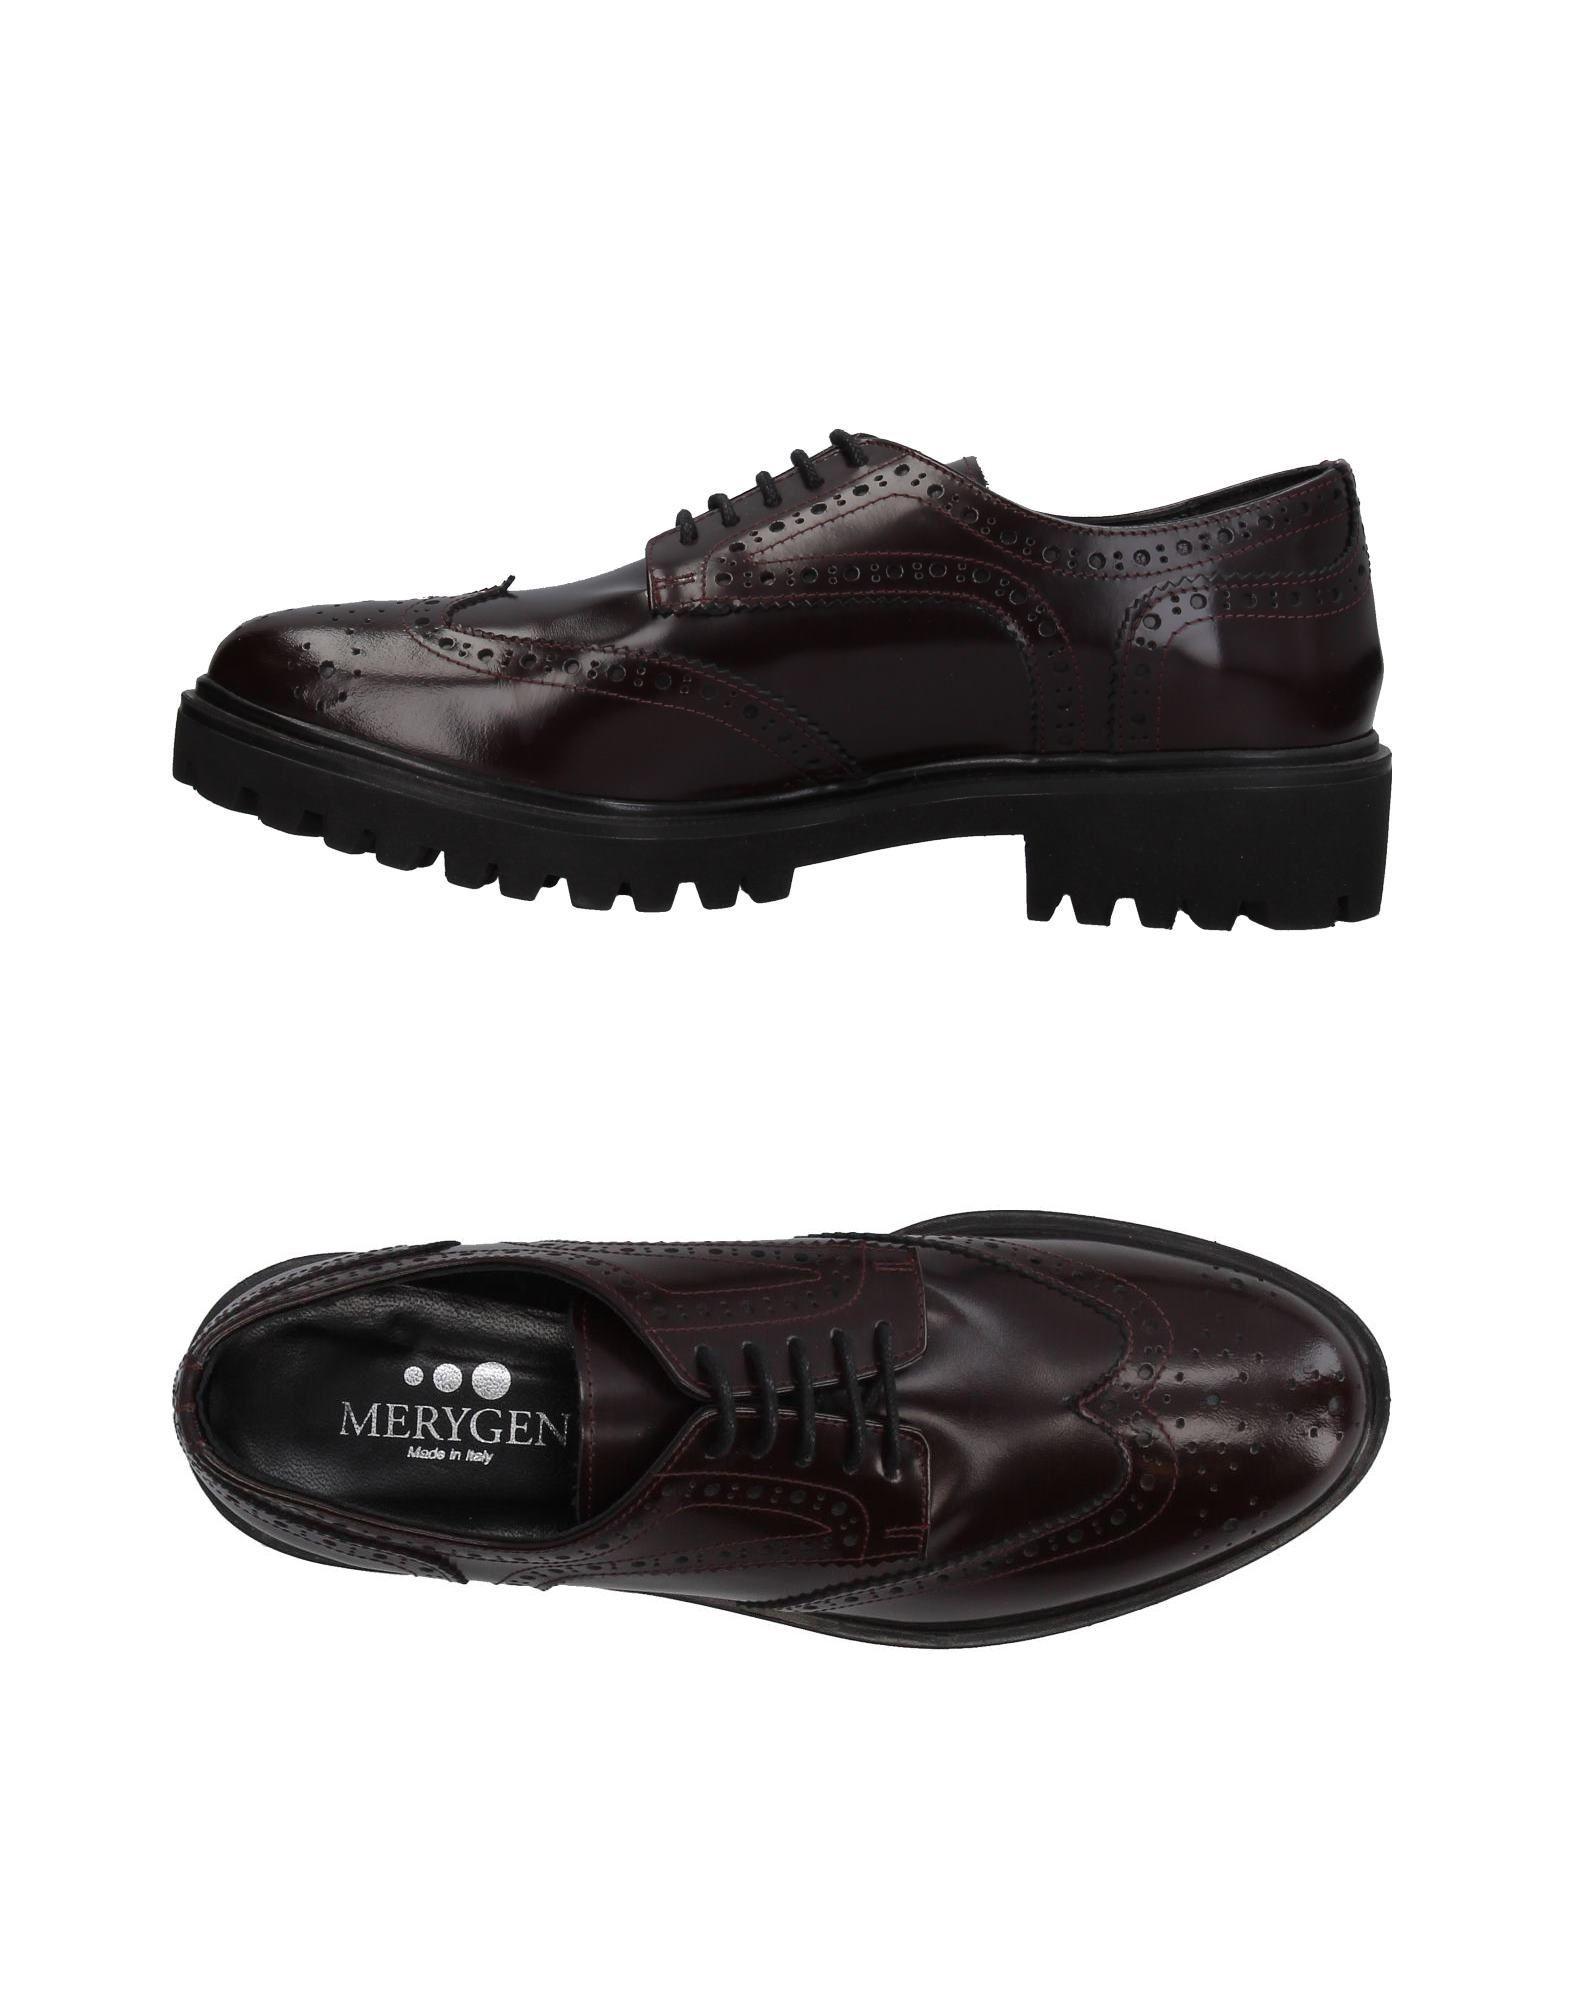 Chaussures À Lacets Merygen Femme - Chaussures À Lacets Merygen sur